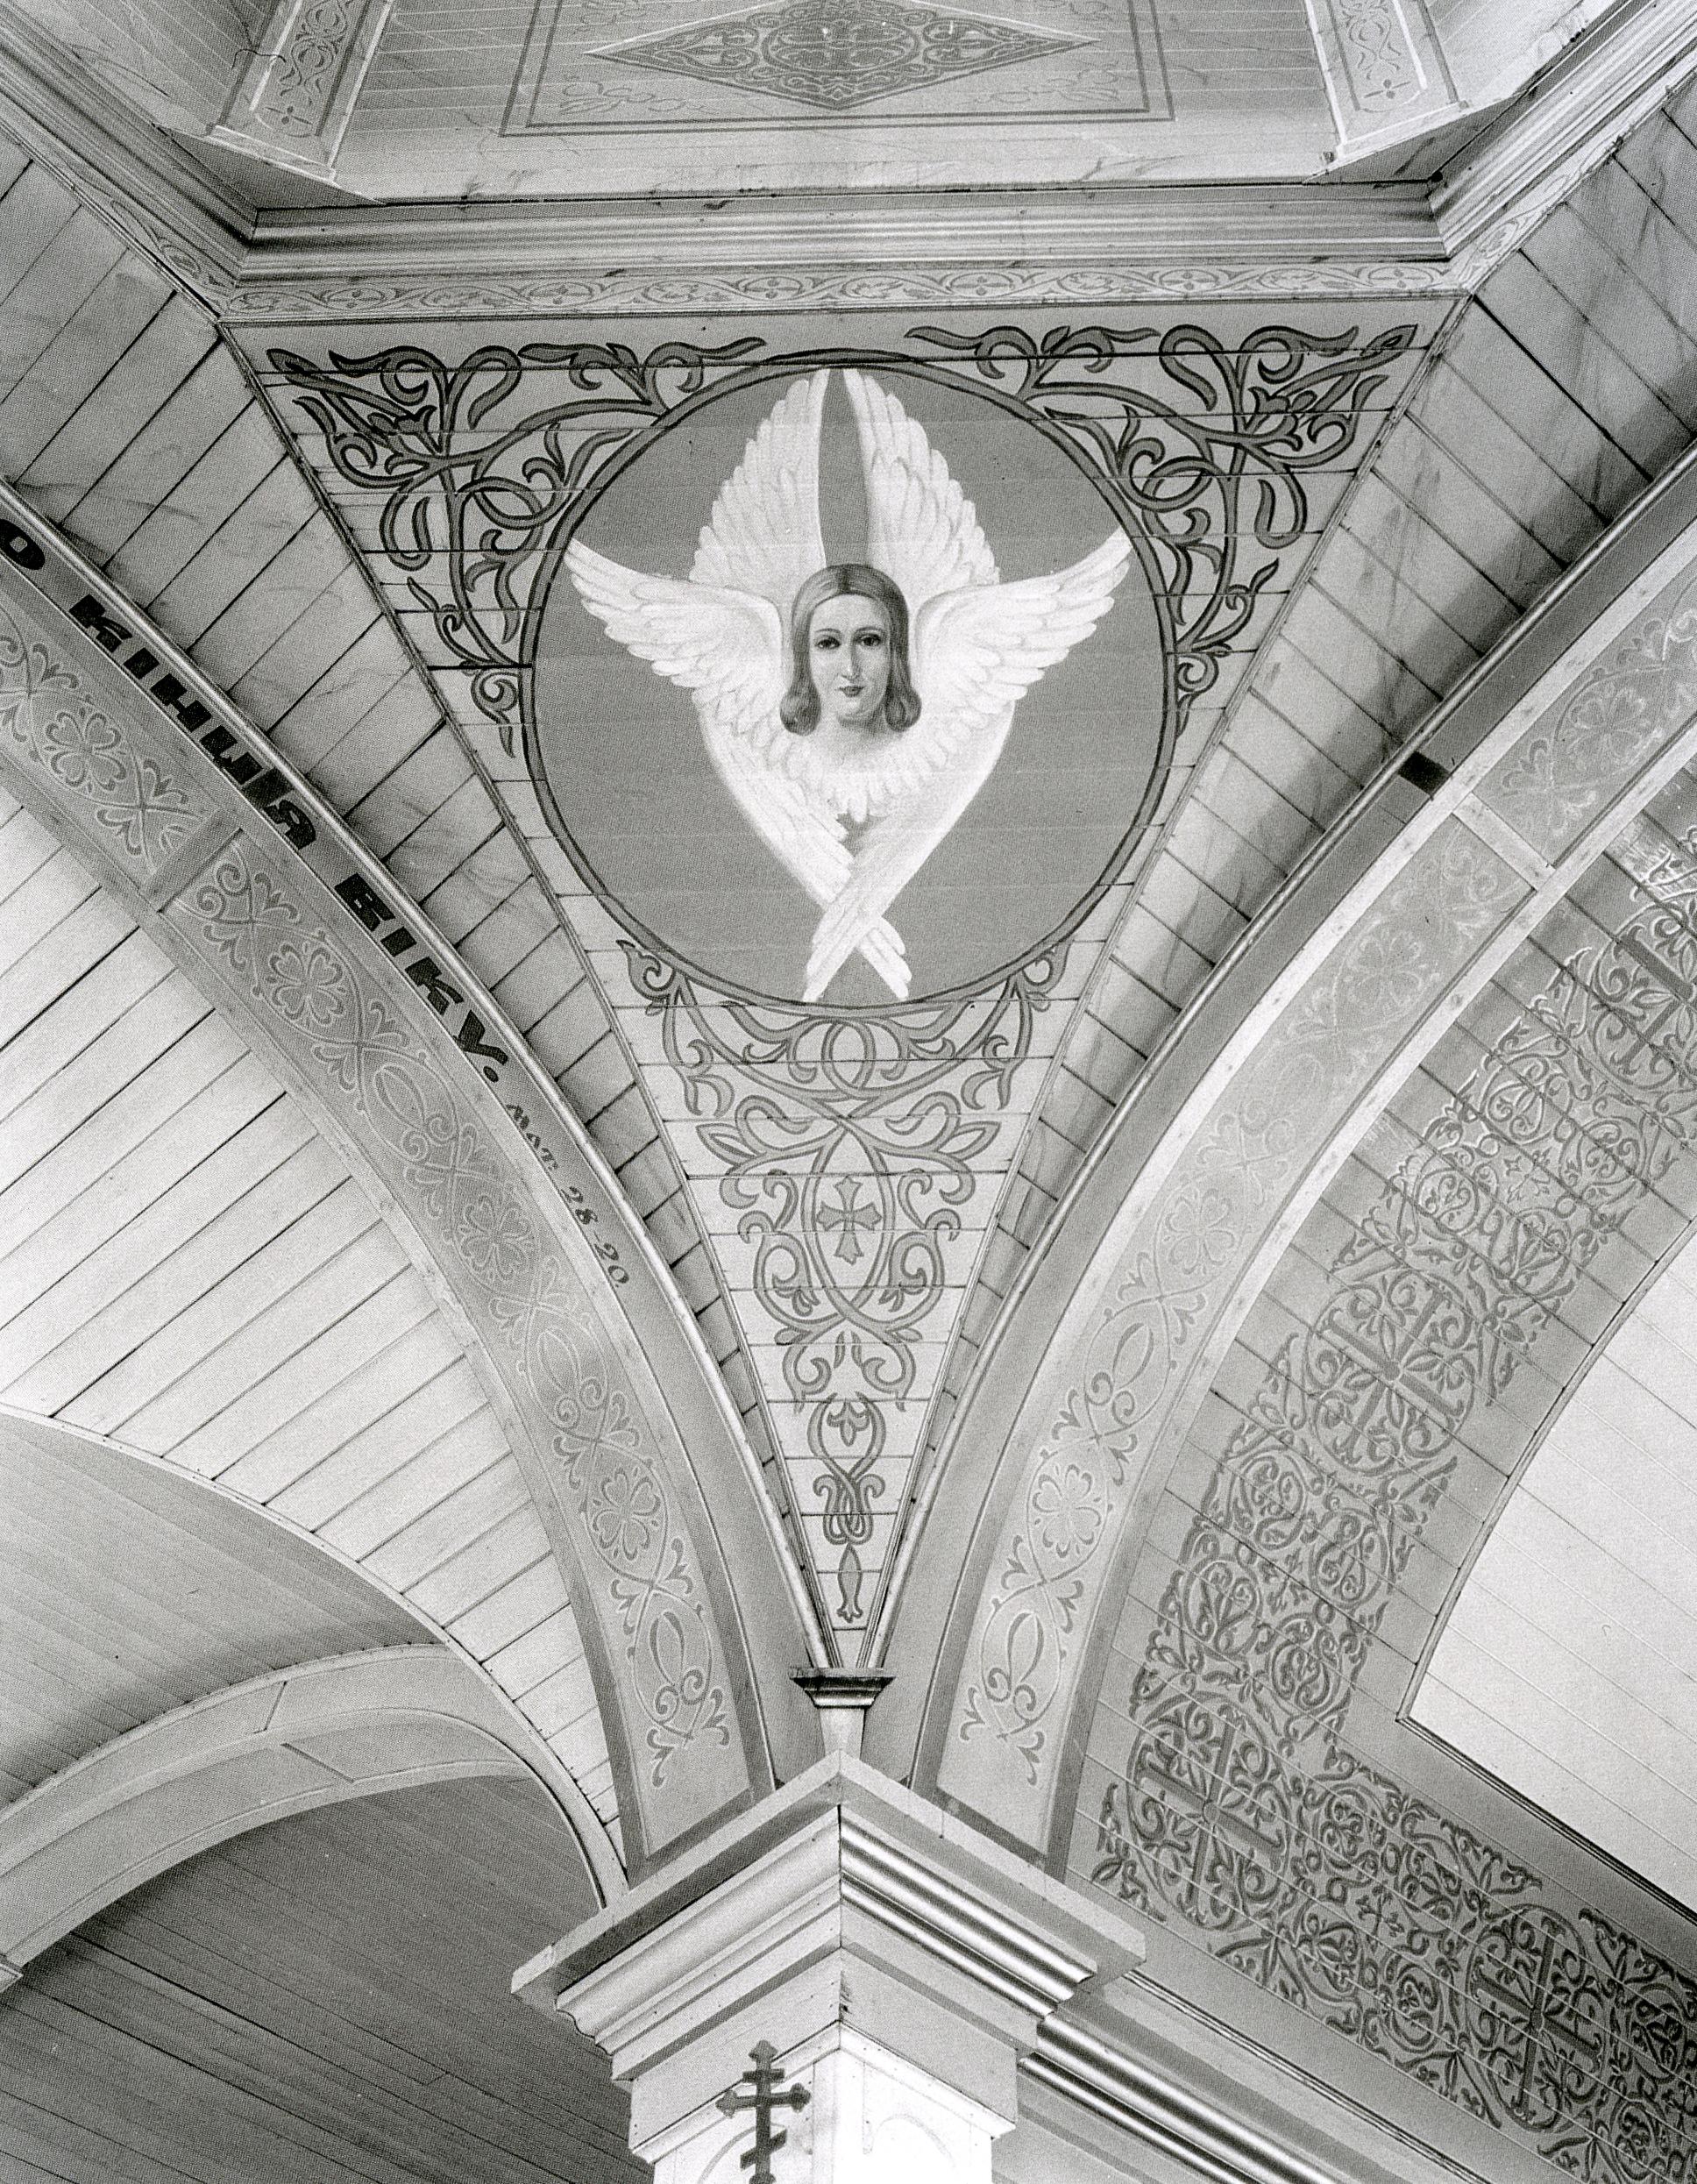 orest semchishen_église St. Vladimir, Vegreville, AB_1973